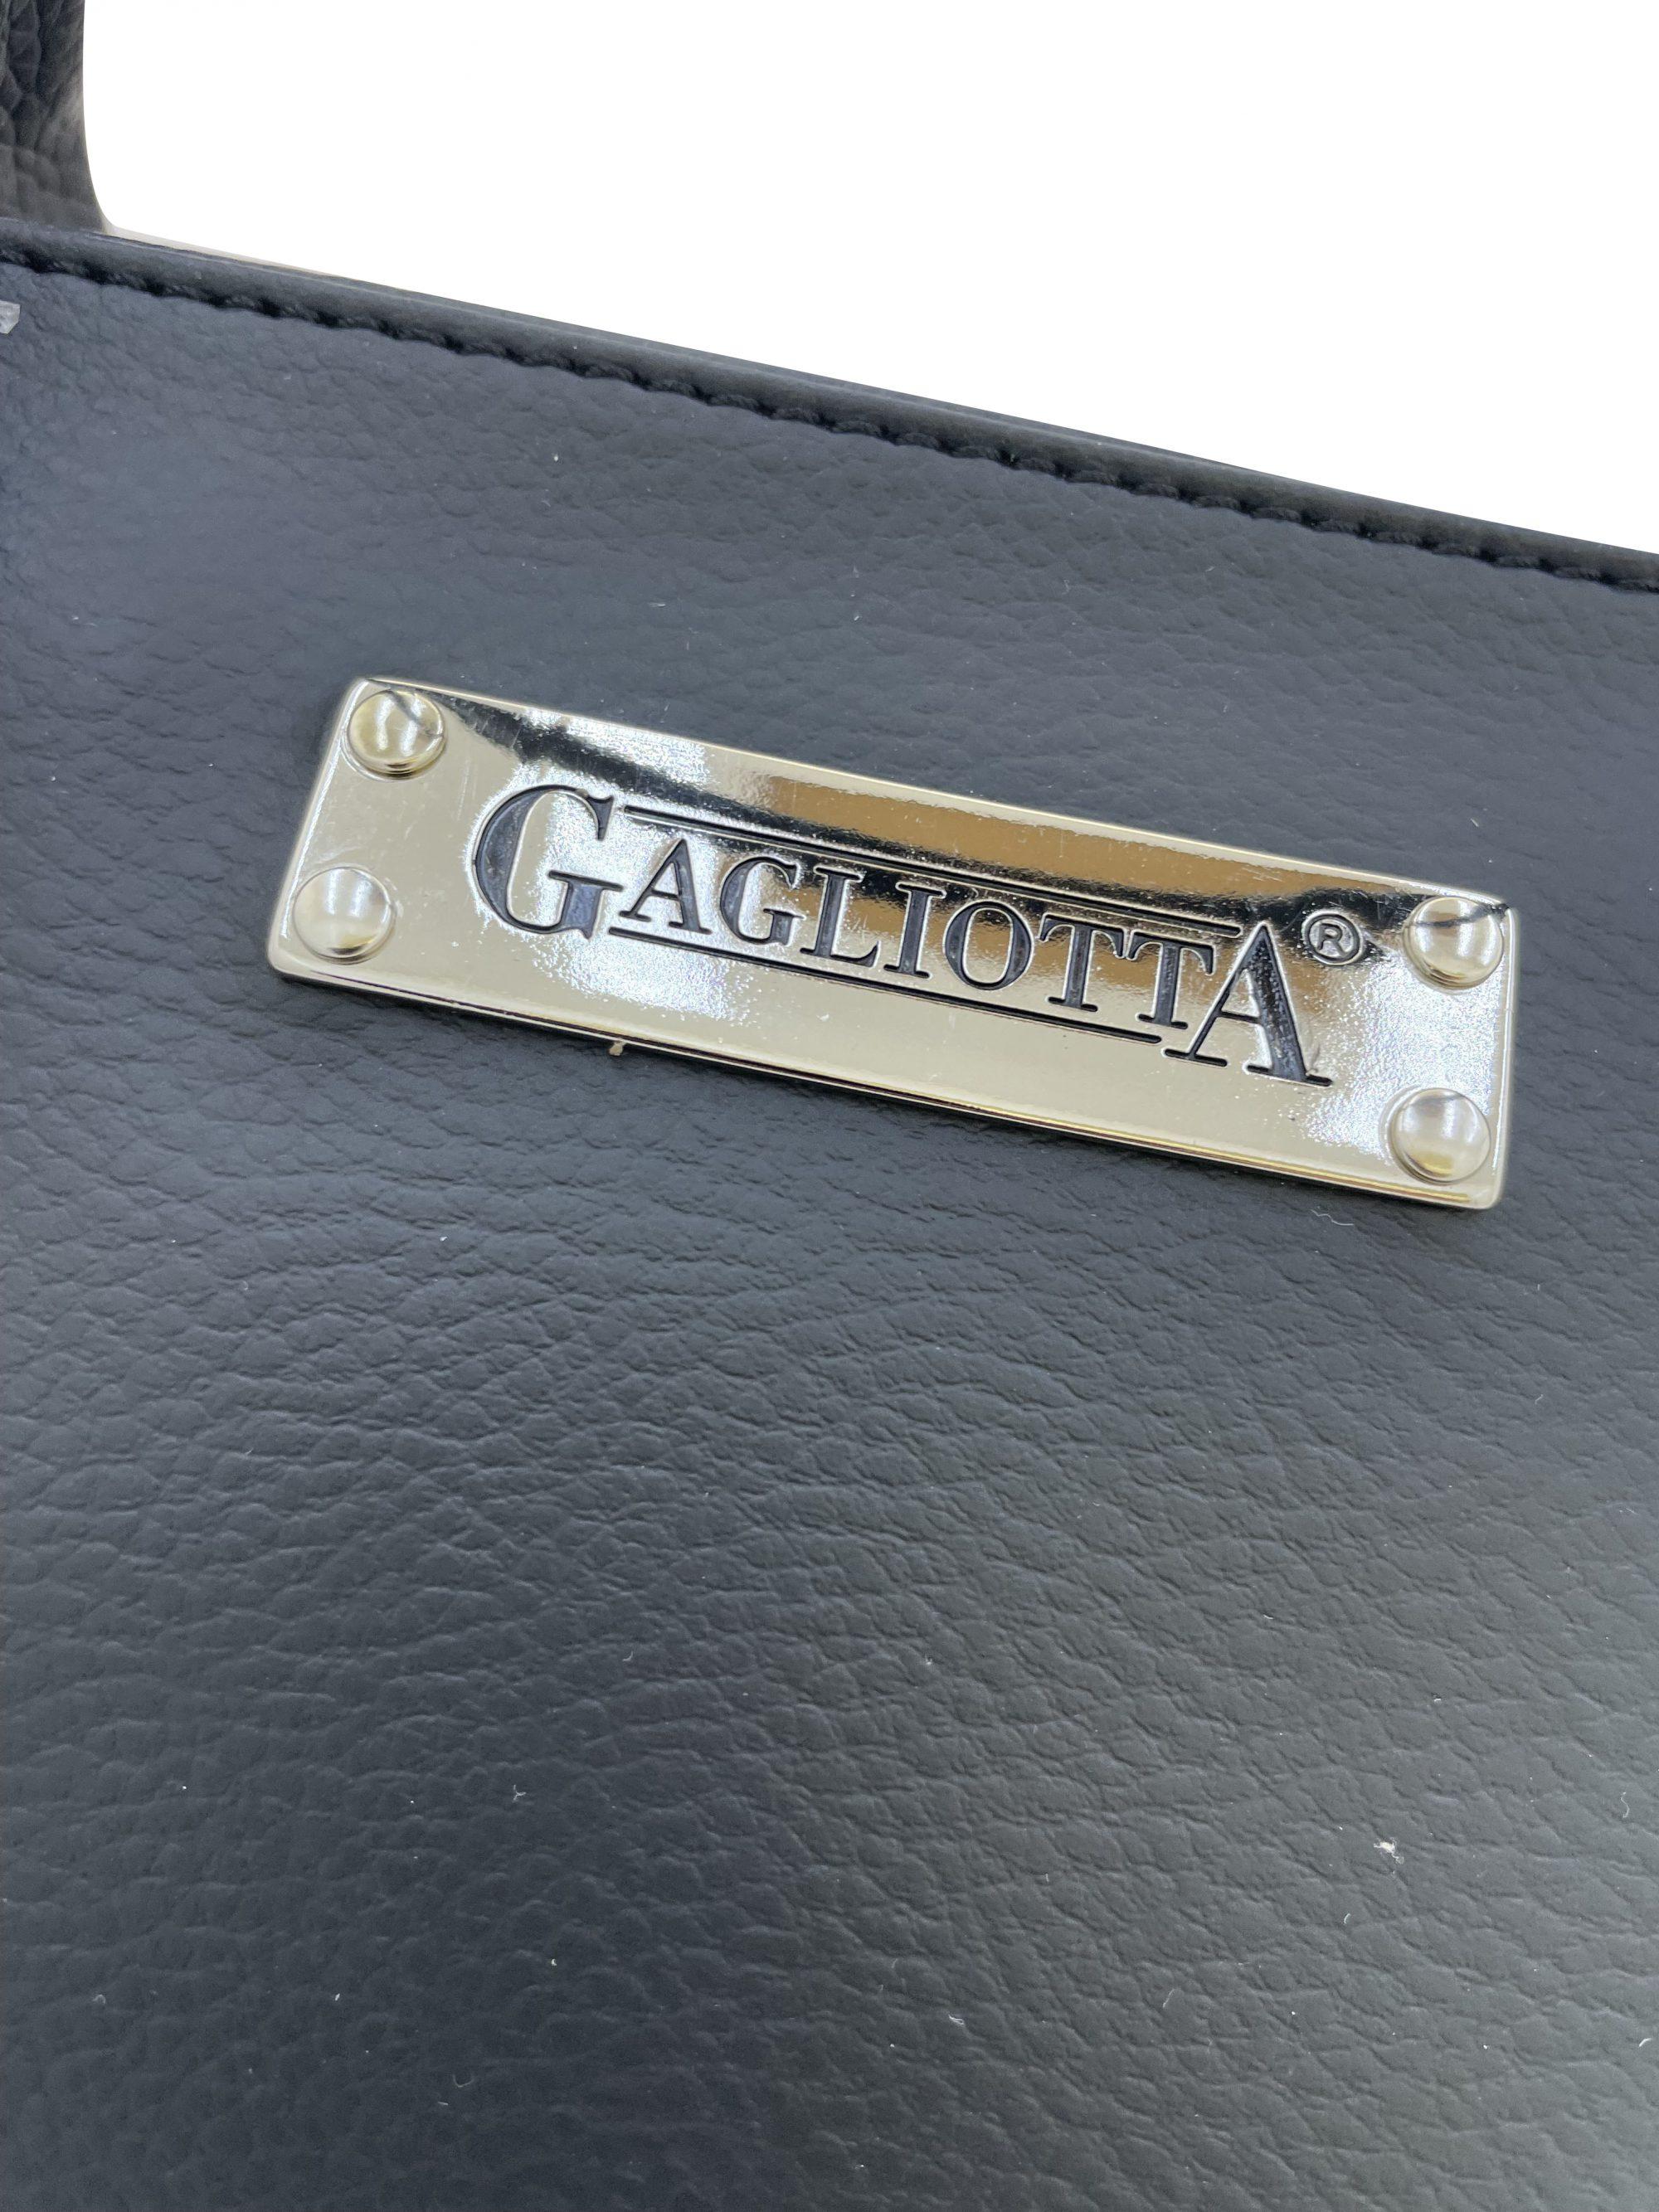 GAGLIOTTA BAG SOFY V.2